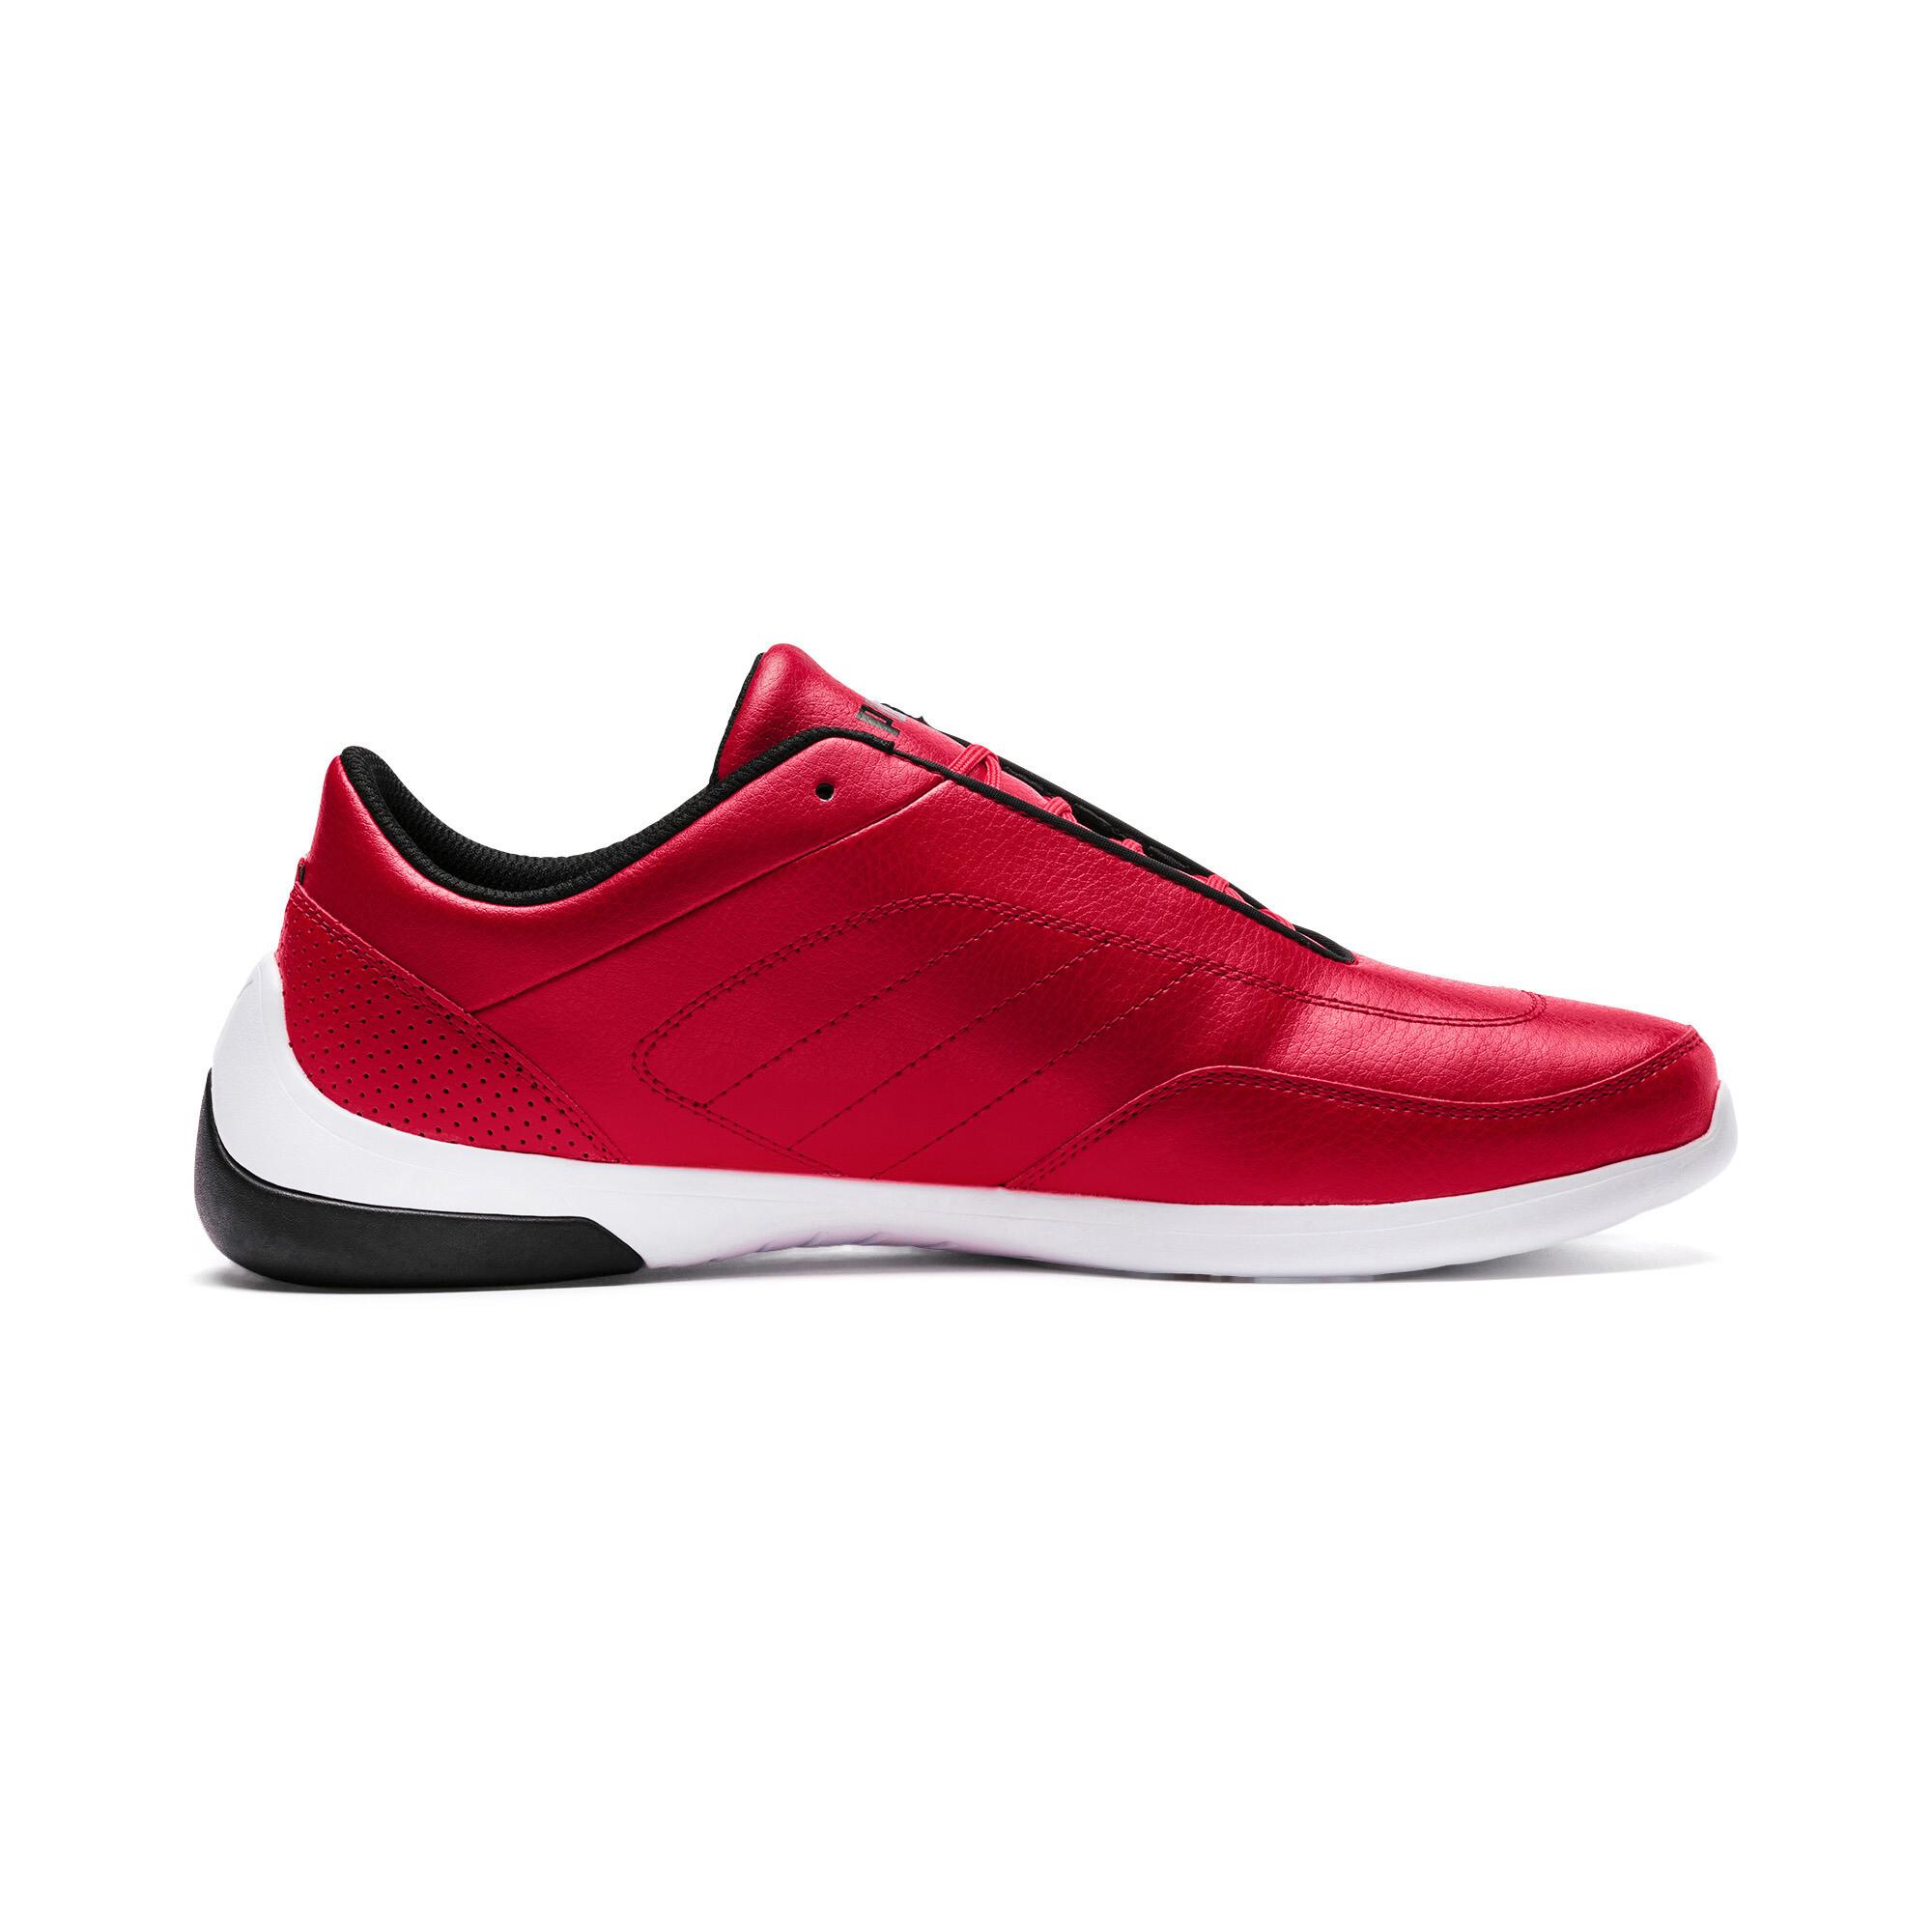 PUMA-Scuderia-Ferrari-Kart-Cat-III-Shoes-Men-Shoe-Auto thumbnail 23